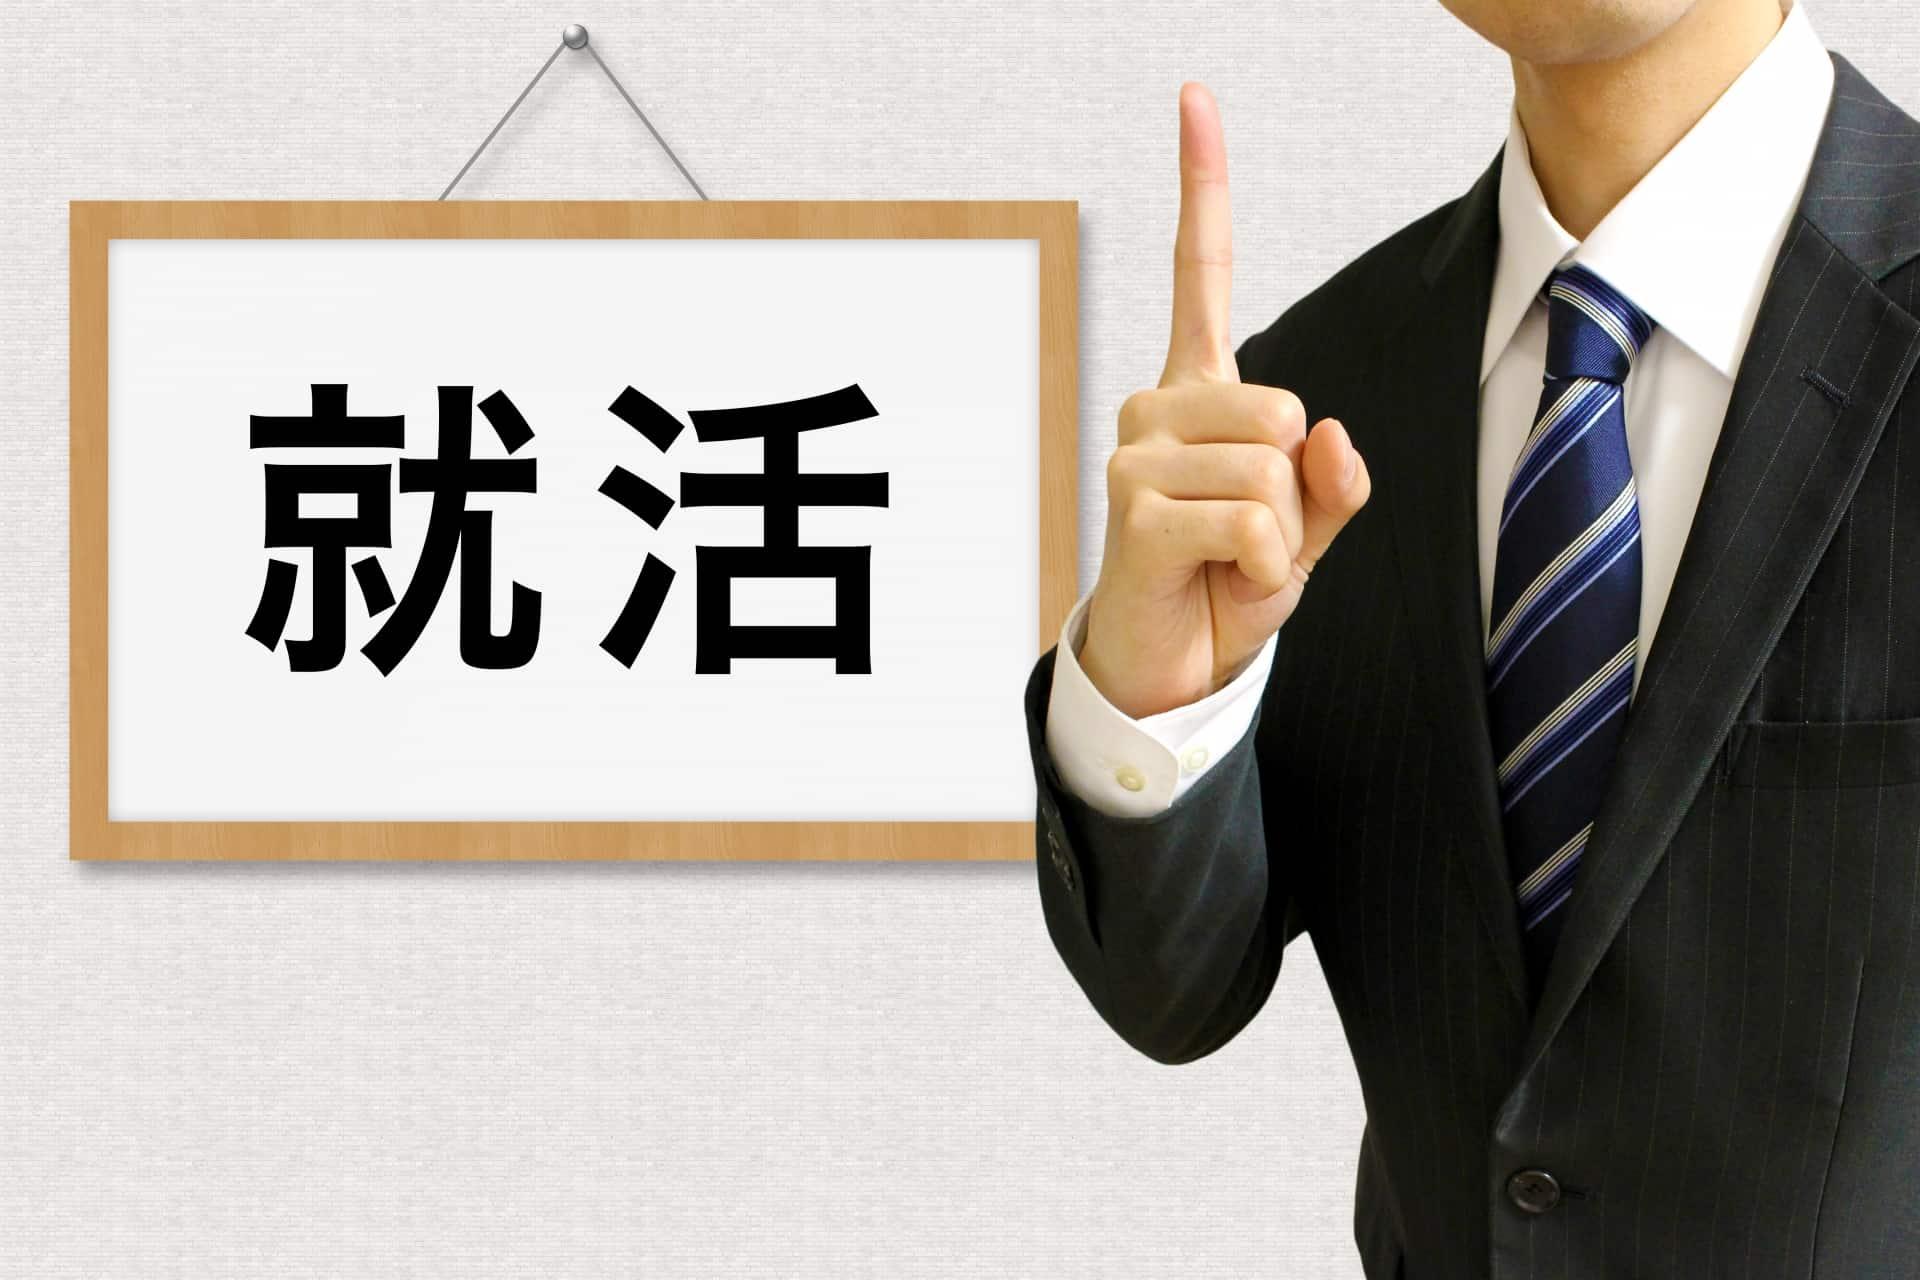 新卒ハローワークで就職できる?利用方法と就活のコツを紹介!